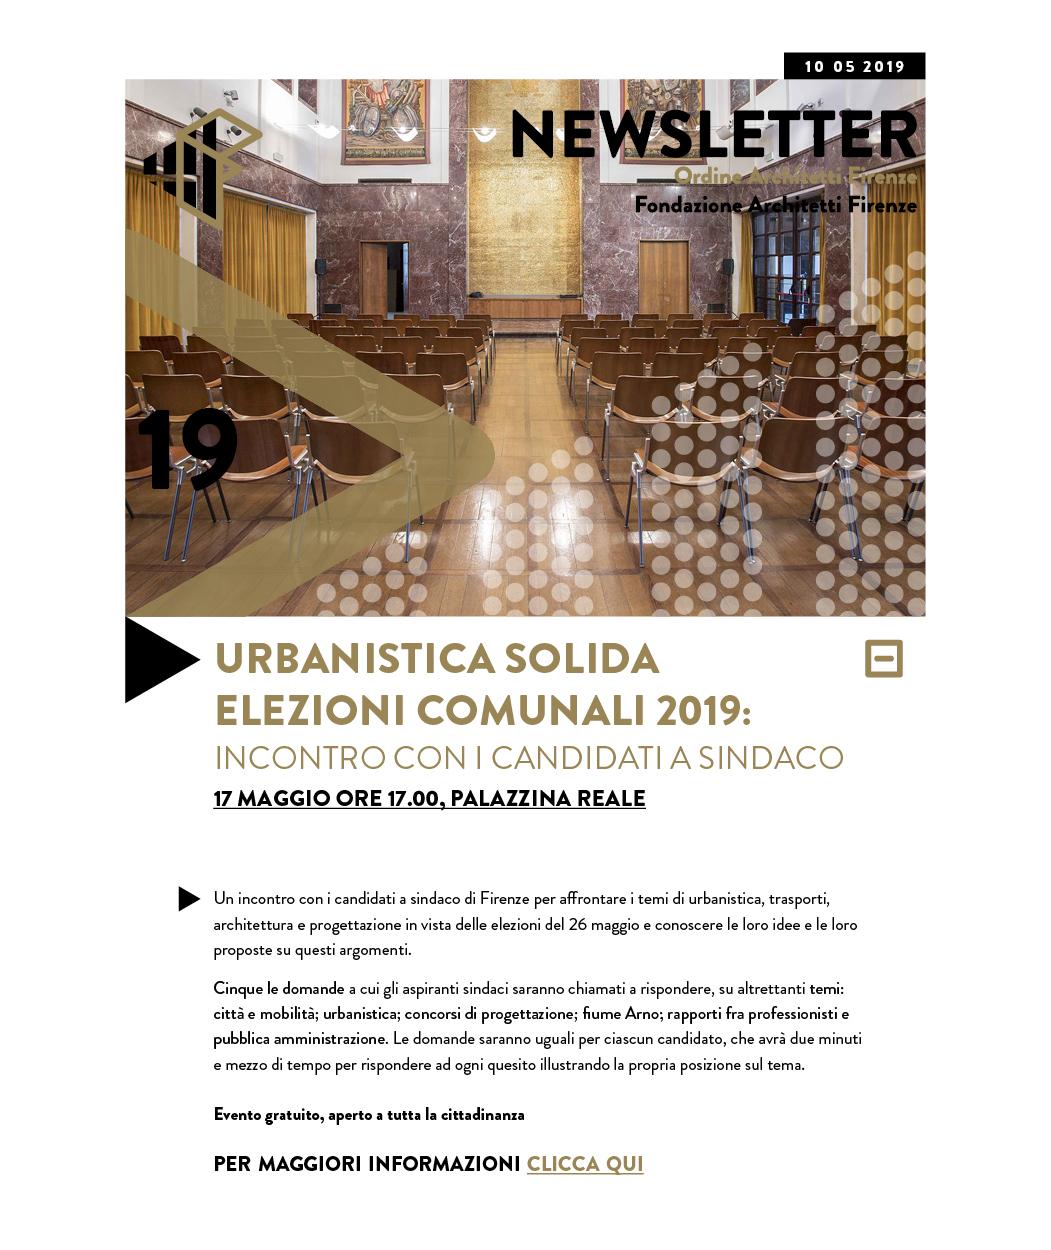 URBANISTICA SOLIDA ELEZIONI COMUNALI 2019: INCONTRO CON I CANDIDATI A SINDACO 17 maggio ore 17.00, palazzina reale